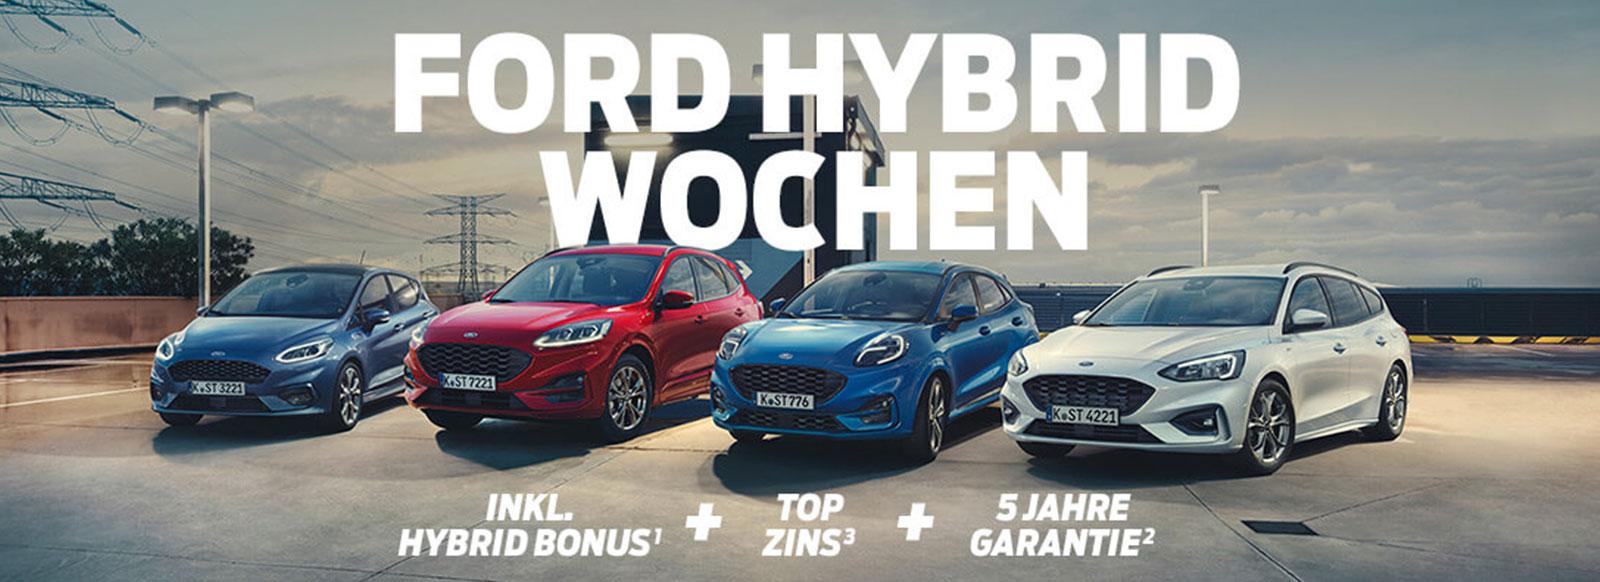 Hybridwochen_Webseite